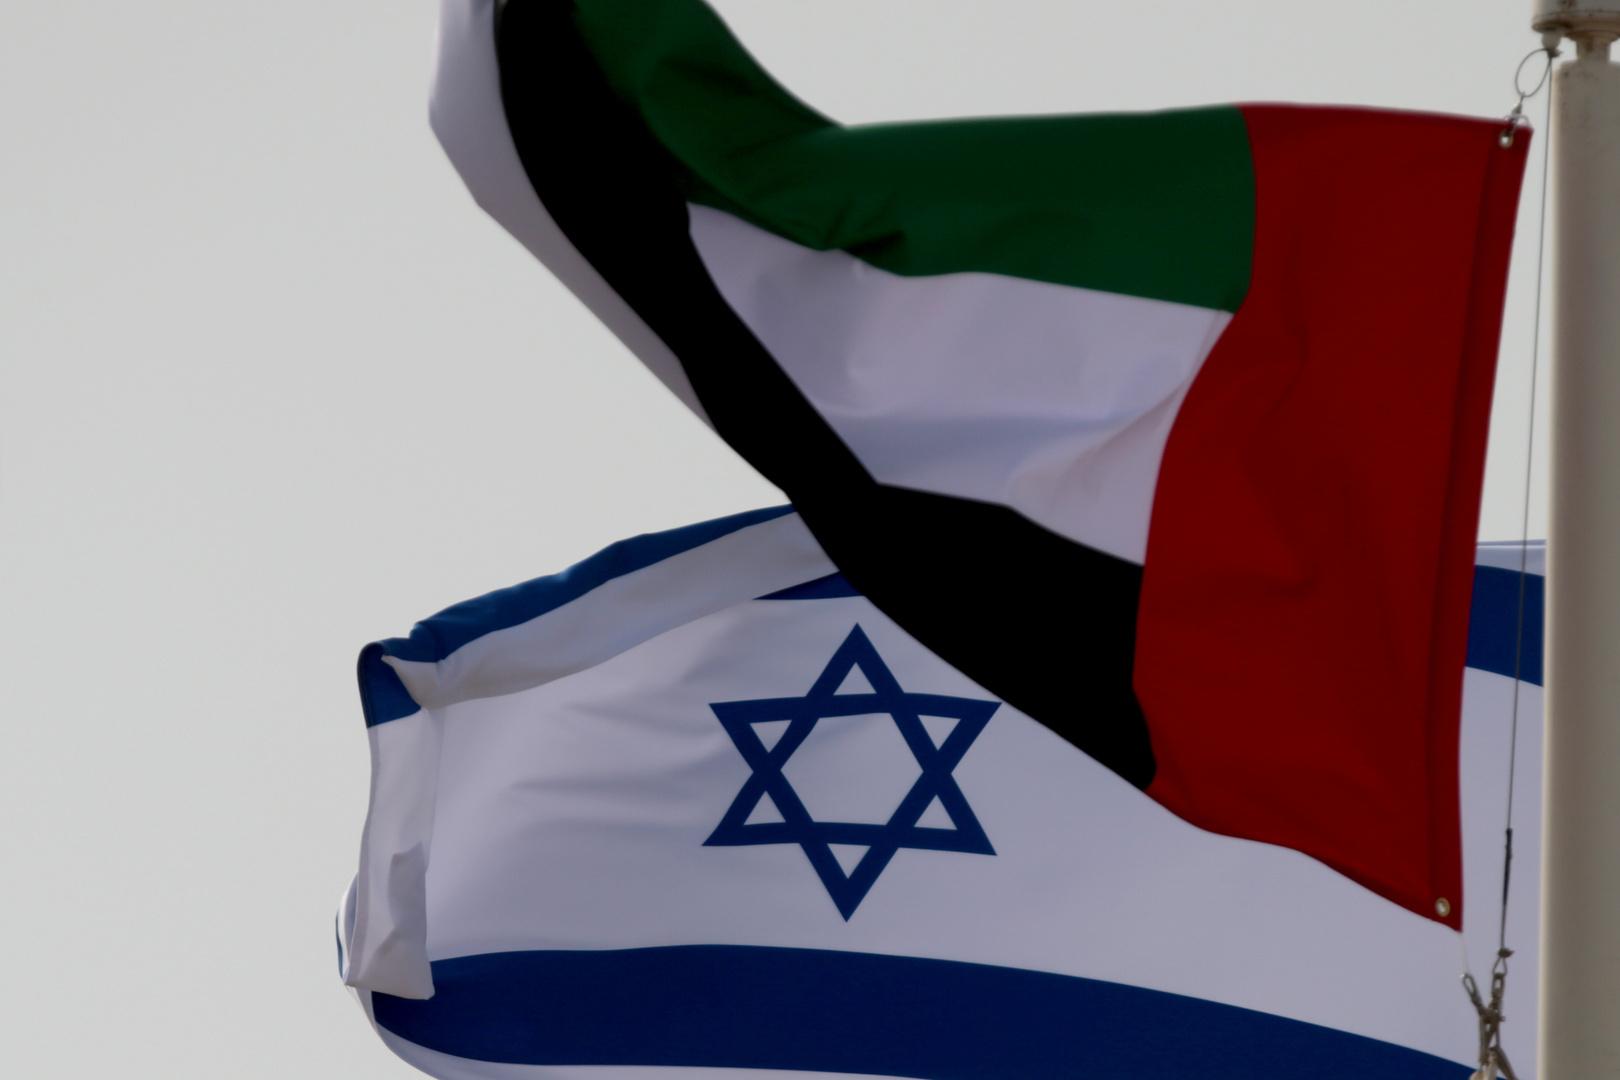 إسرائيل والإمارات تتفقان على التعاون في الخدمات المالية